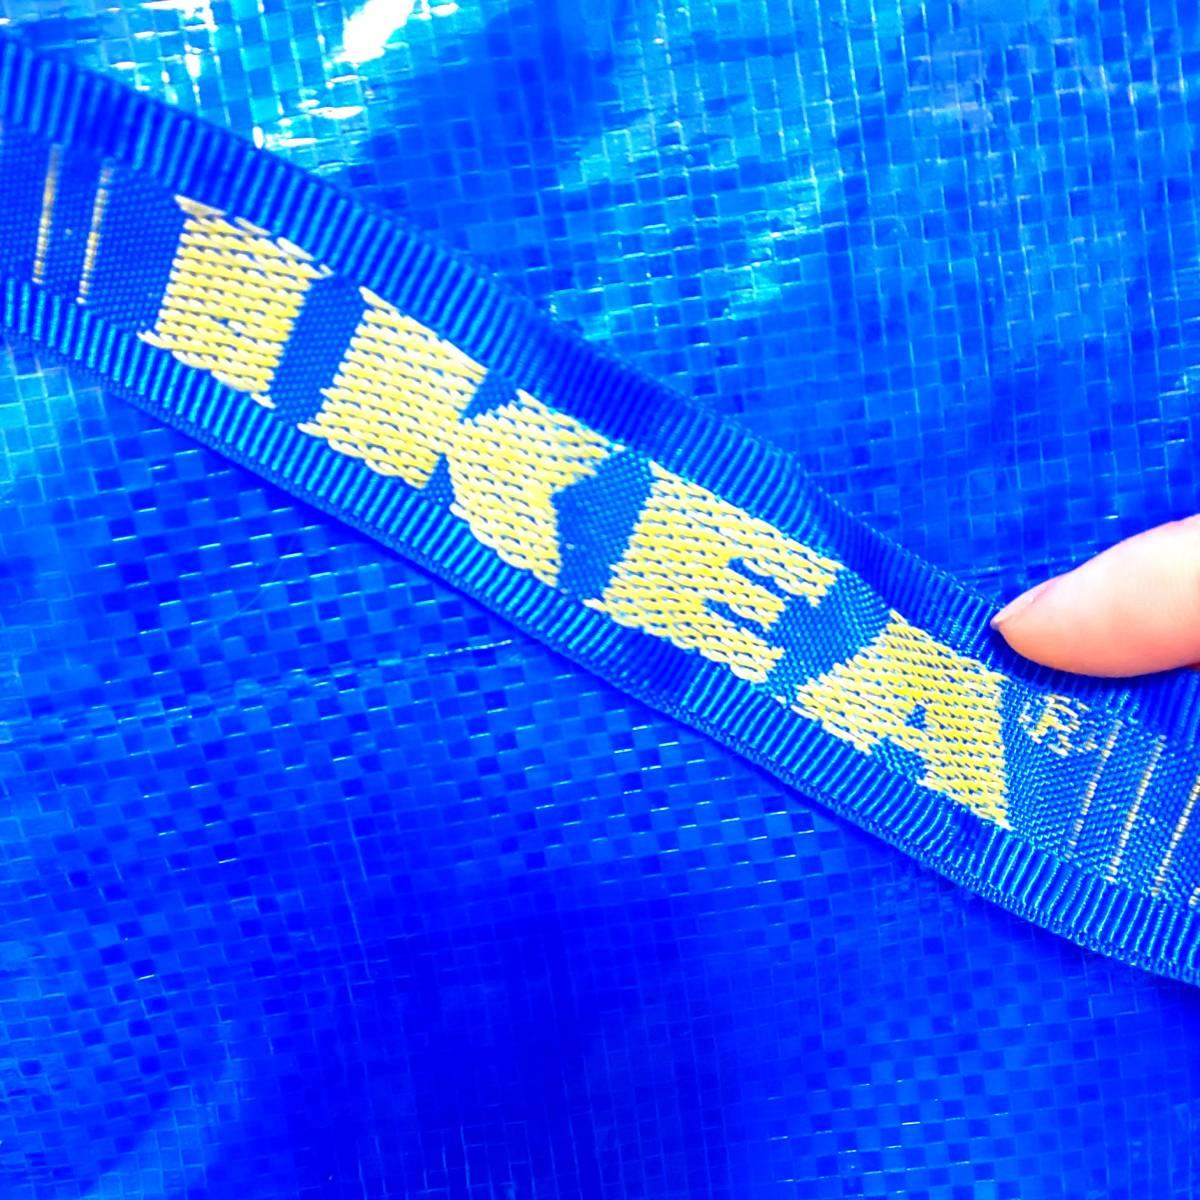 ≪ イケア FRAKTA フラクタ クーラーバッグ ≫ IKEA 保冷バッグ レジャー グッズ アウトドア ブルーバッグ コストコ カルディ エコバッグ_画像3